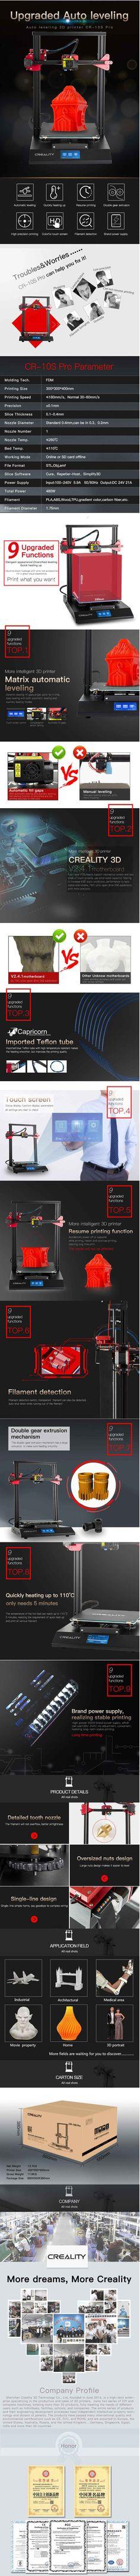 10 parasta kuvaa: Creality 3D-tulostin – 2019 | Akvaario